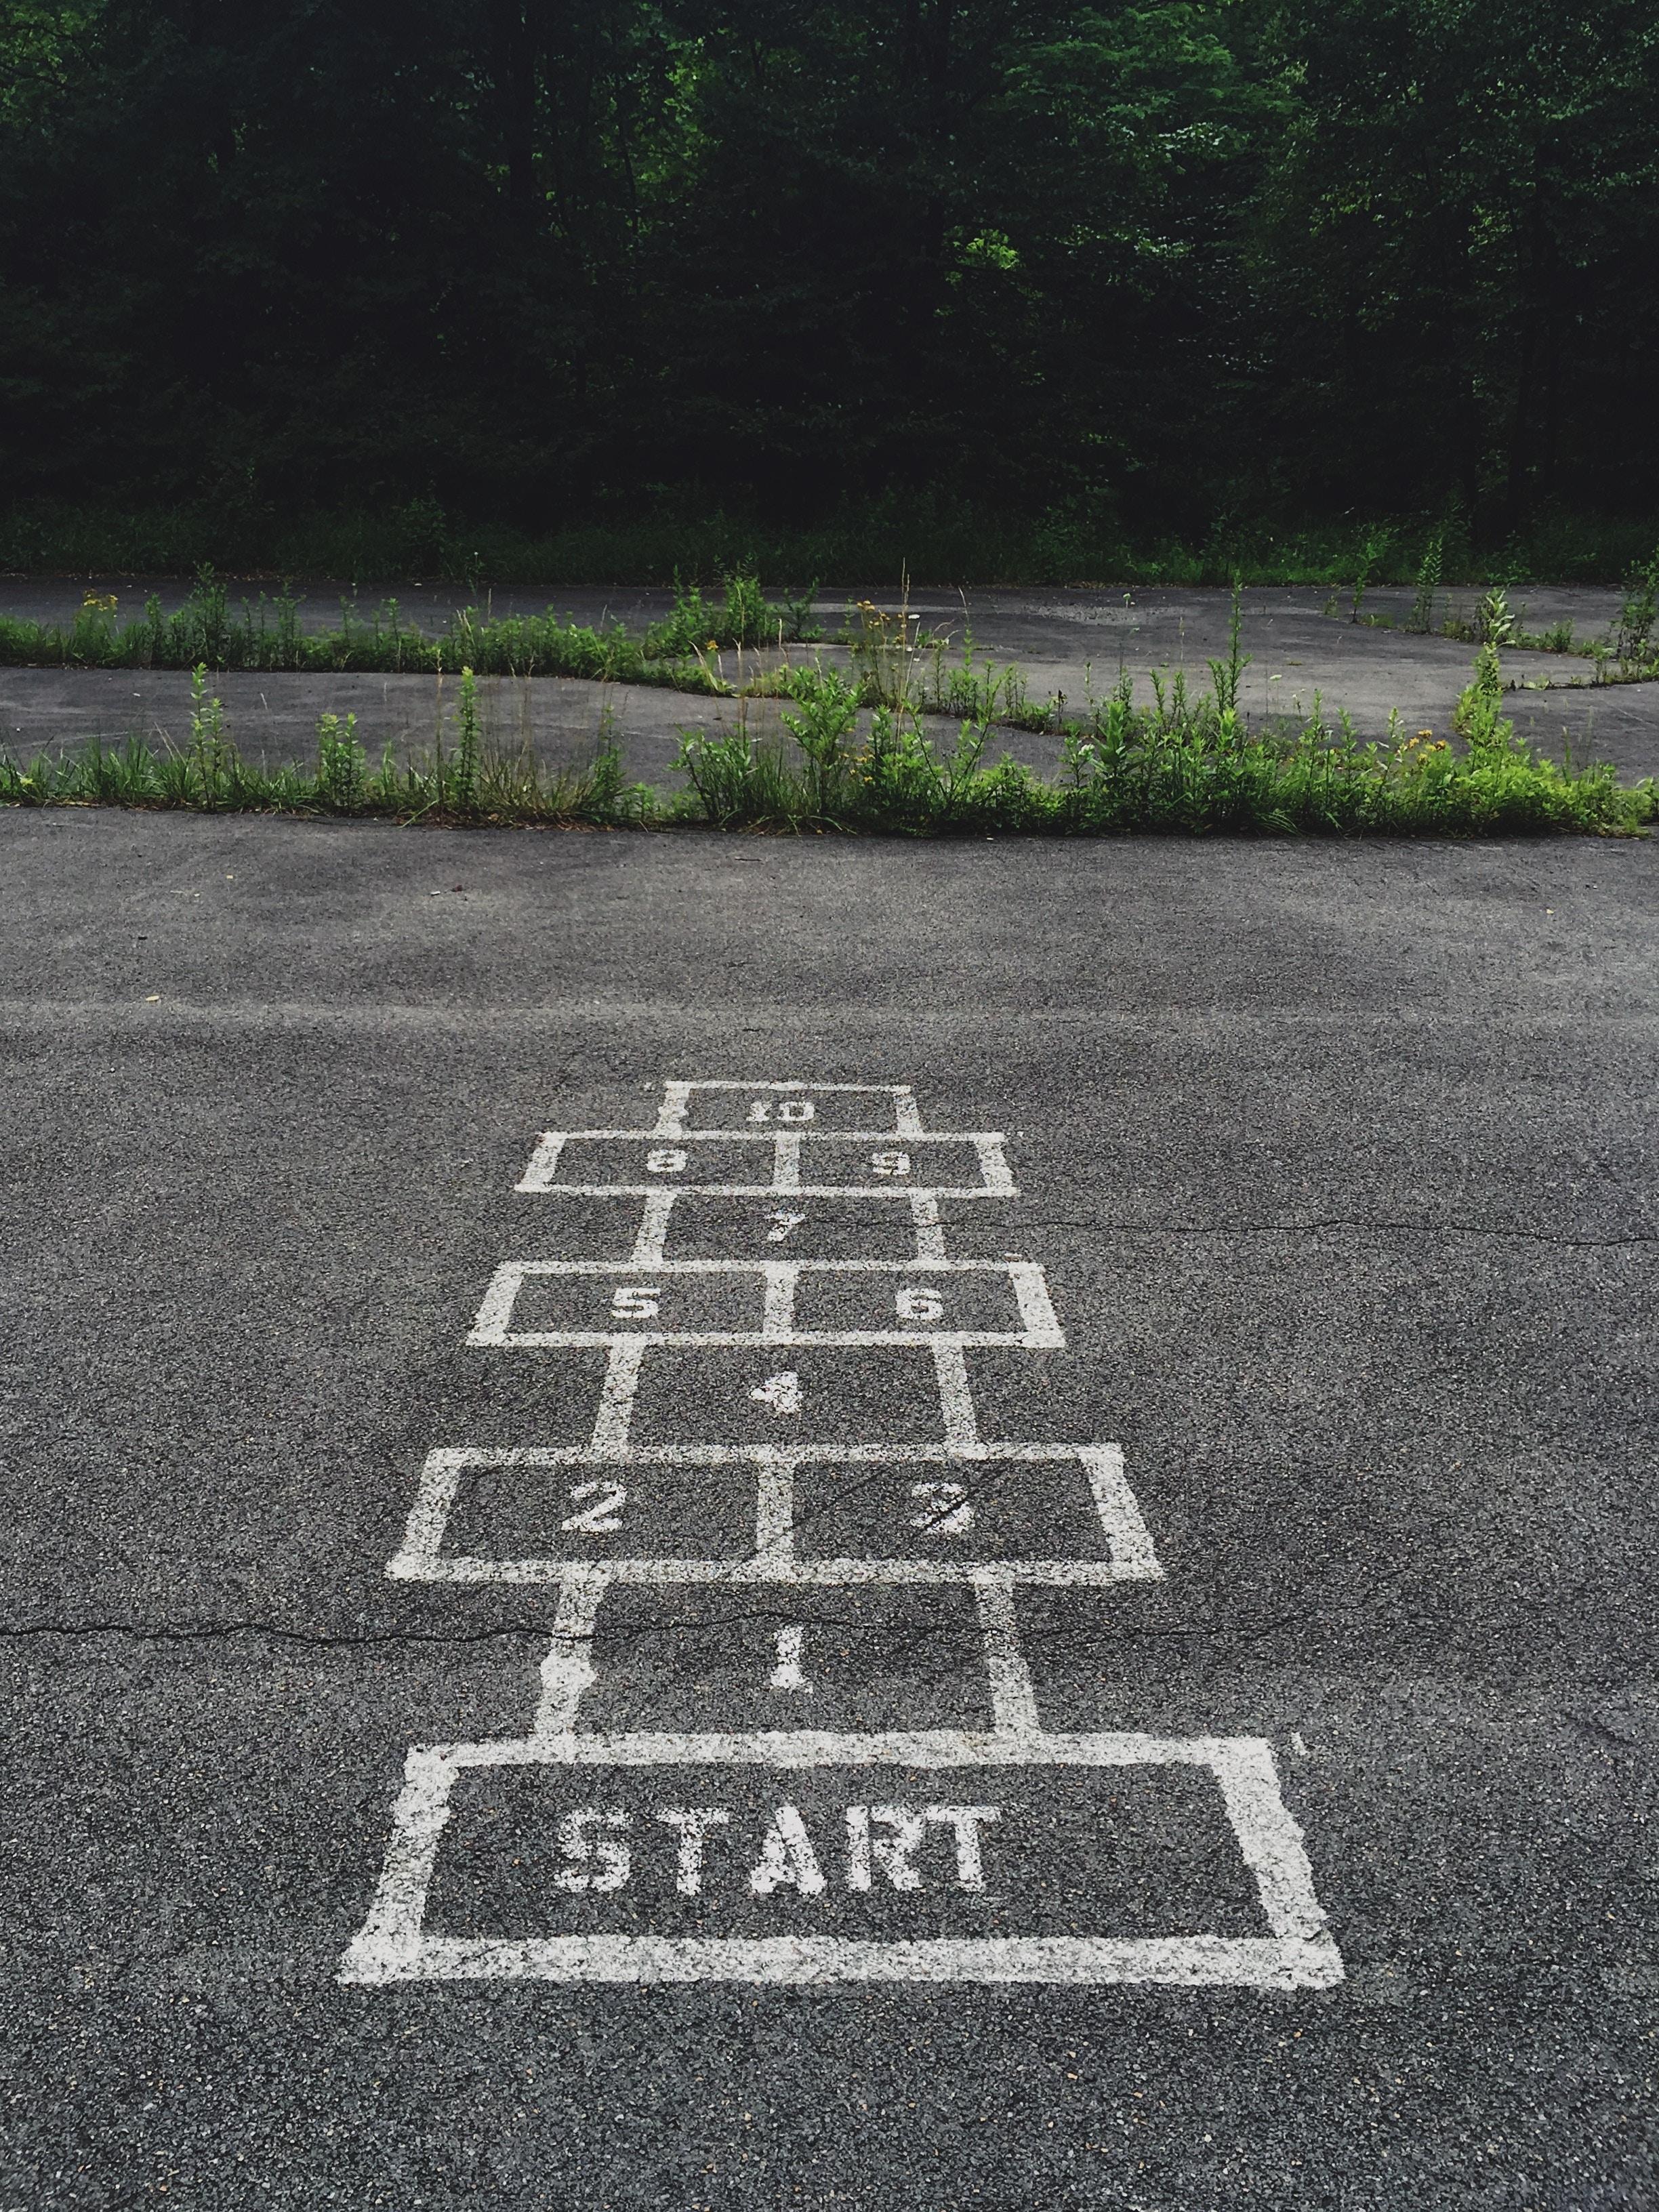 START mit Kreide auf Boden geschrieben